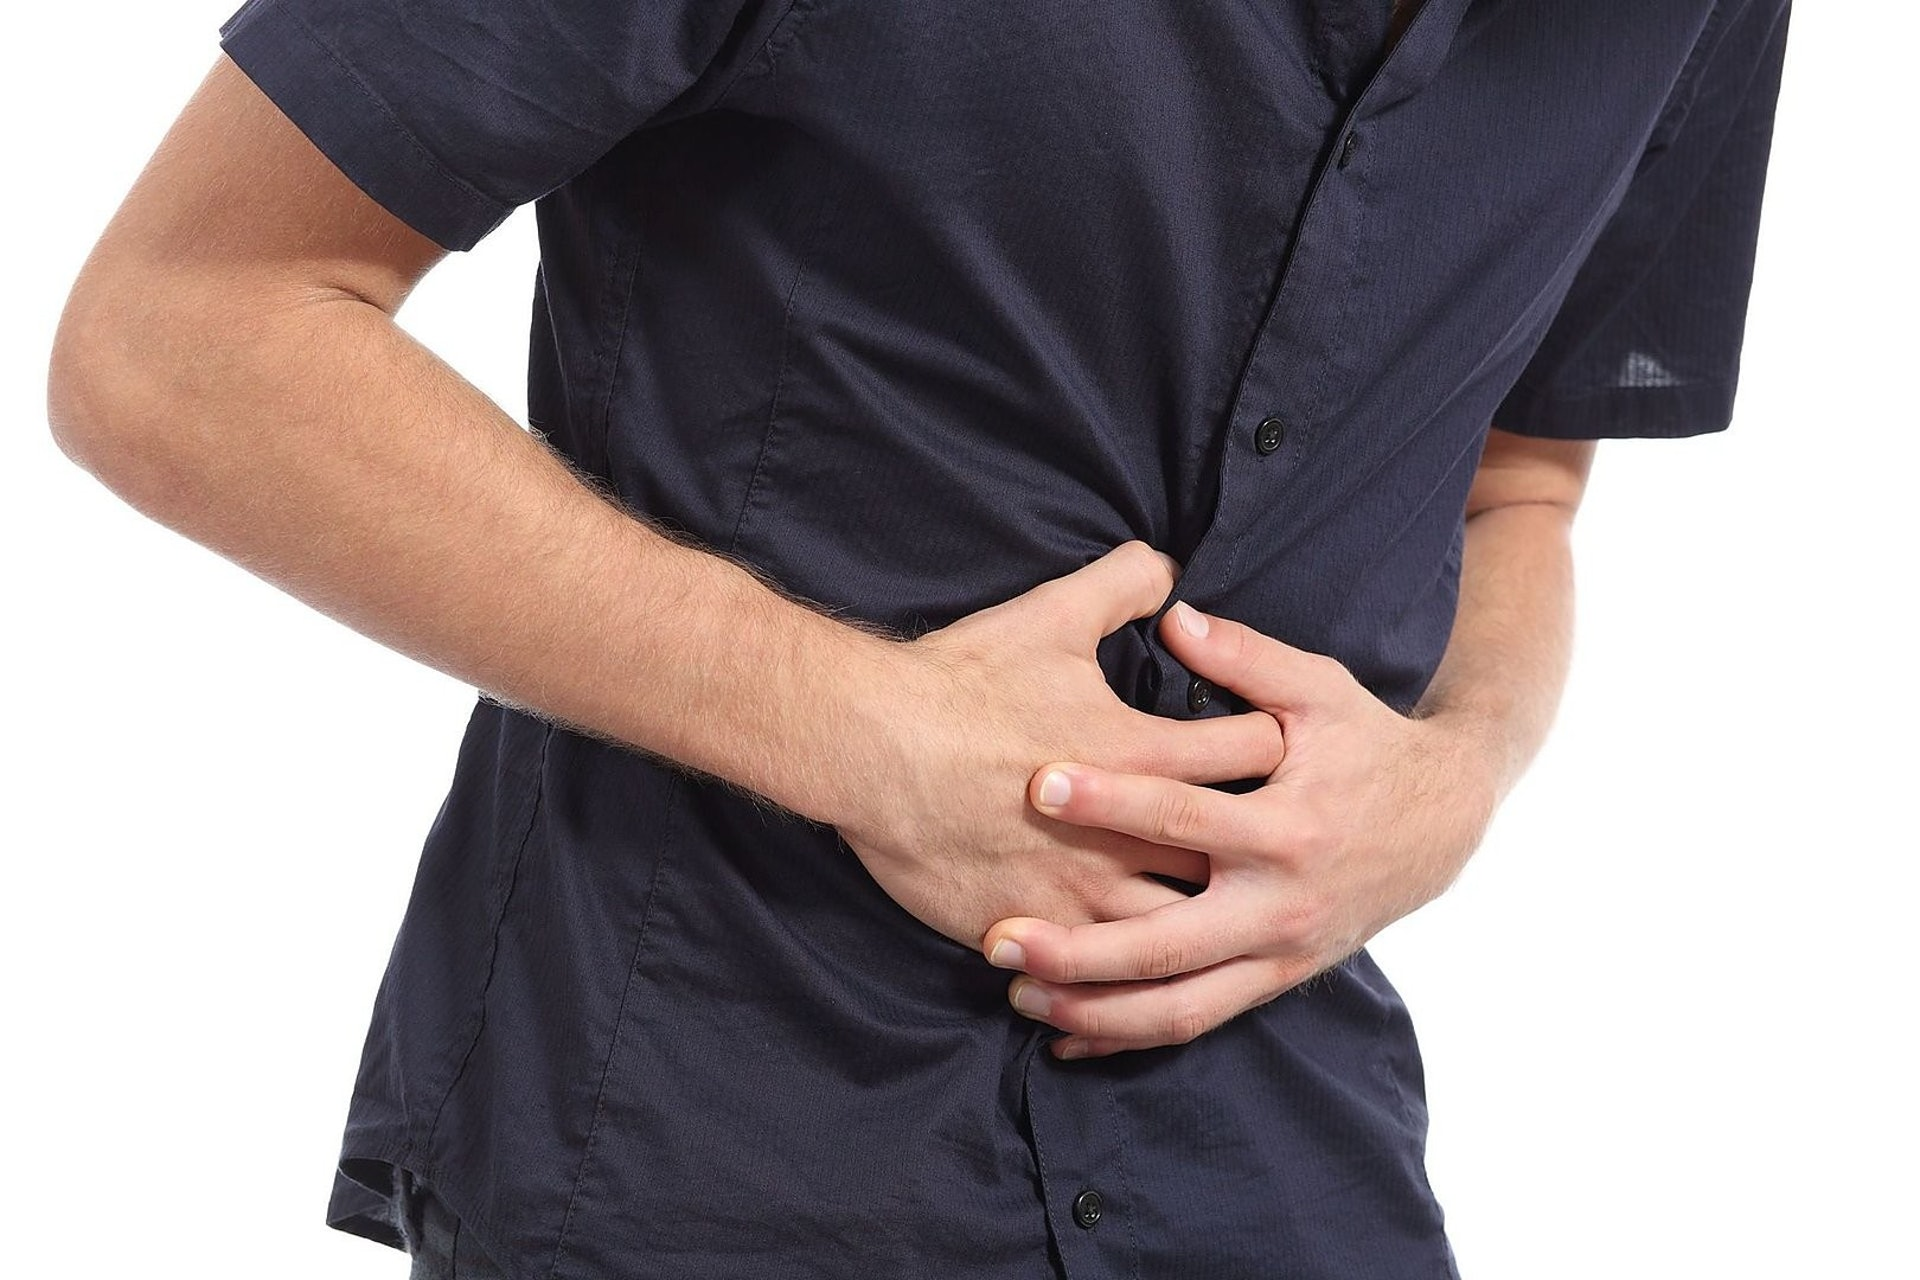 胃癌跟胃潰瘍的症狀非常相似,如果服藥多天都不見成效,應盡早進行胃鏡檢查。(圖片:health.udn)